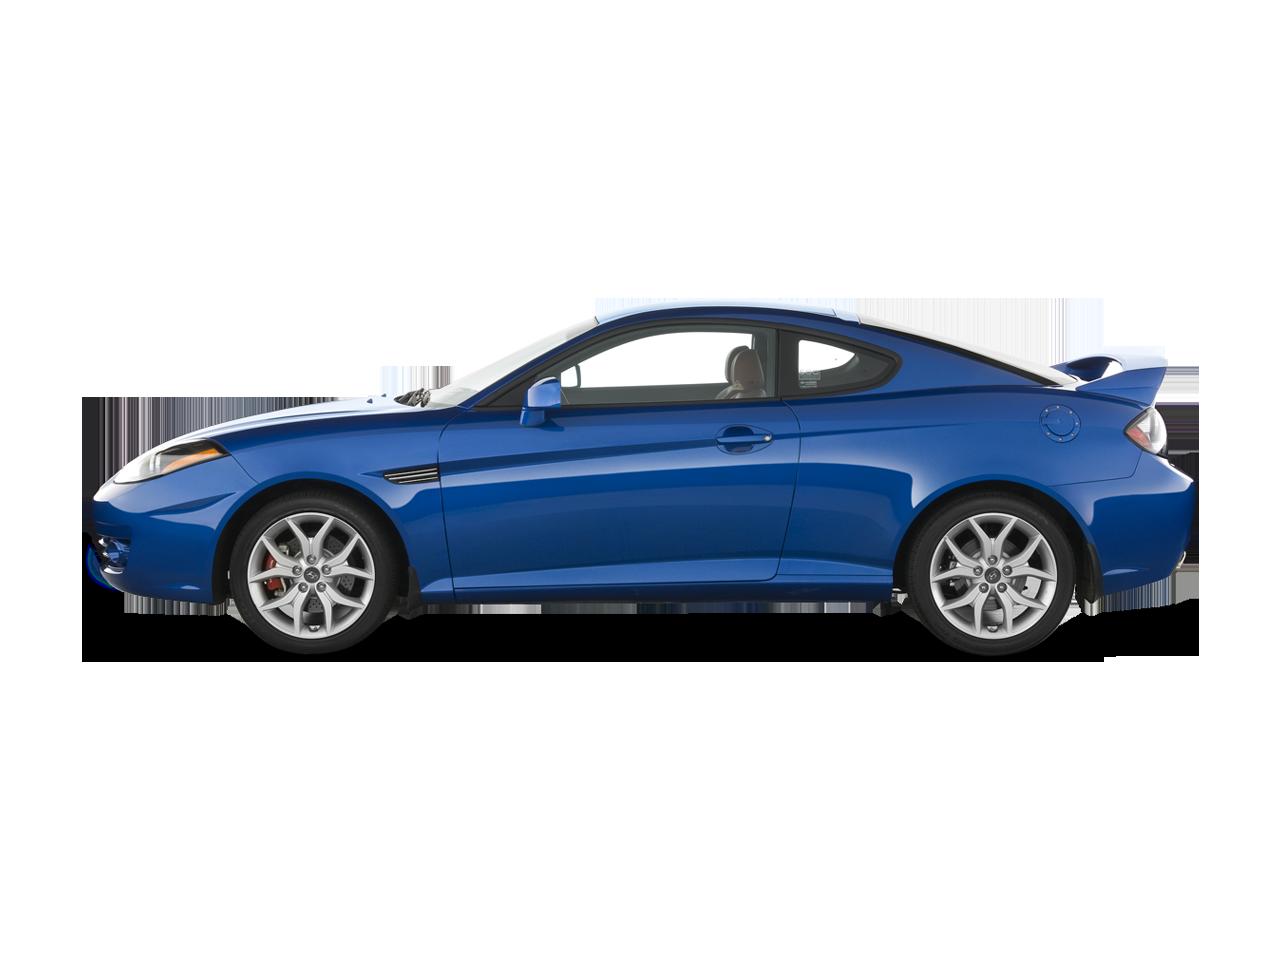 2008 Hyundai Tiburon Gt V6 Hyundai Sport Coupe Review